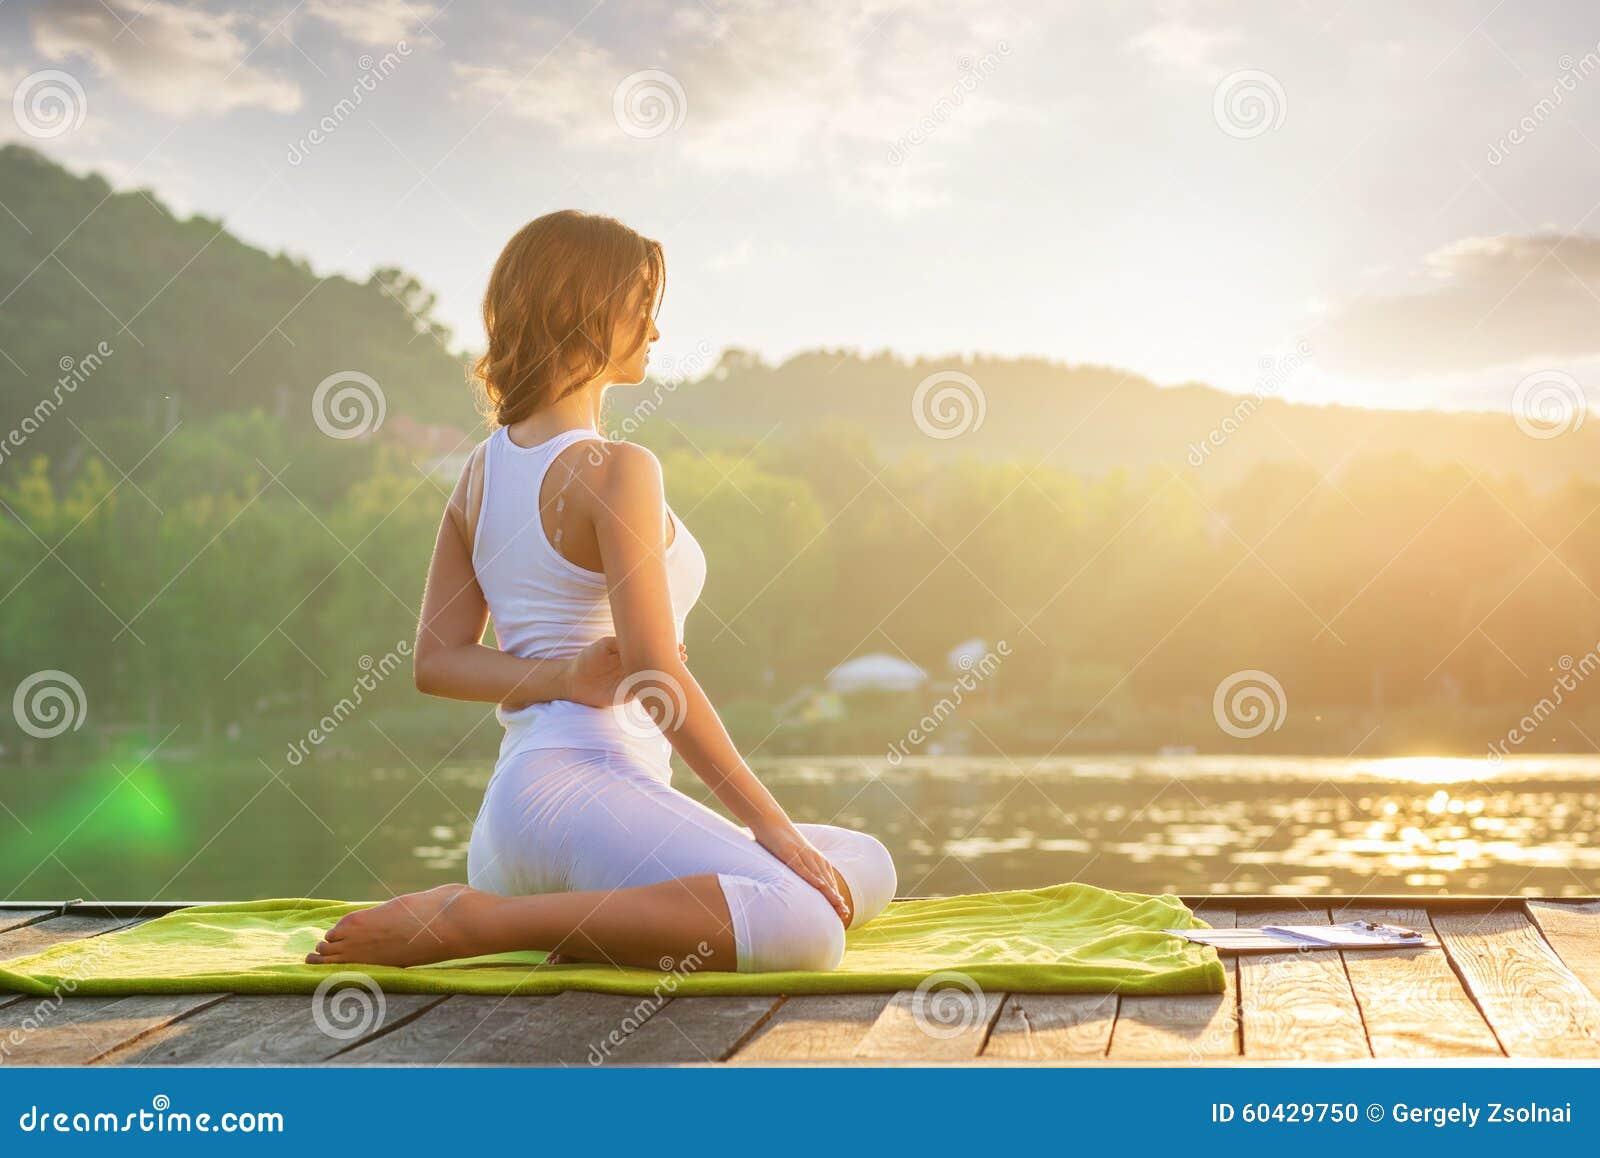 yoga y naturaleza